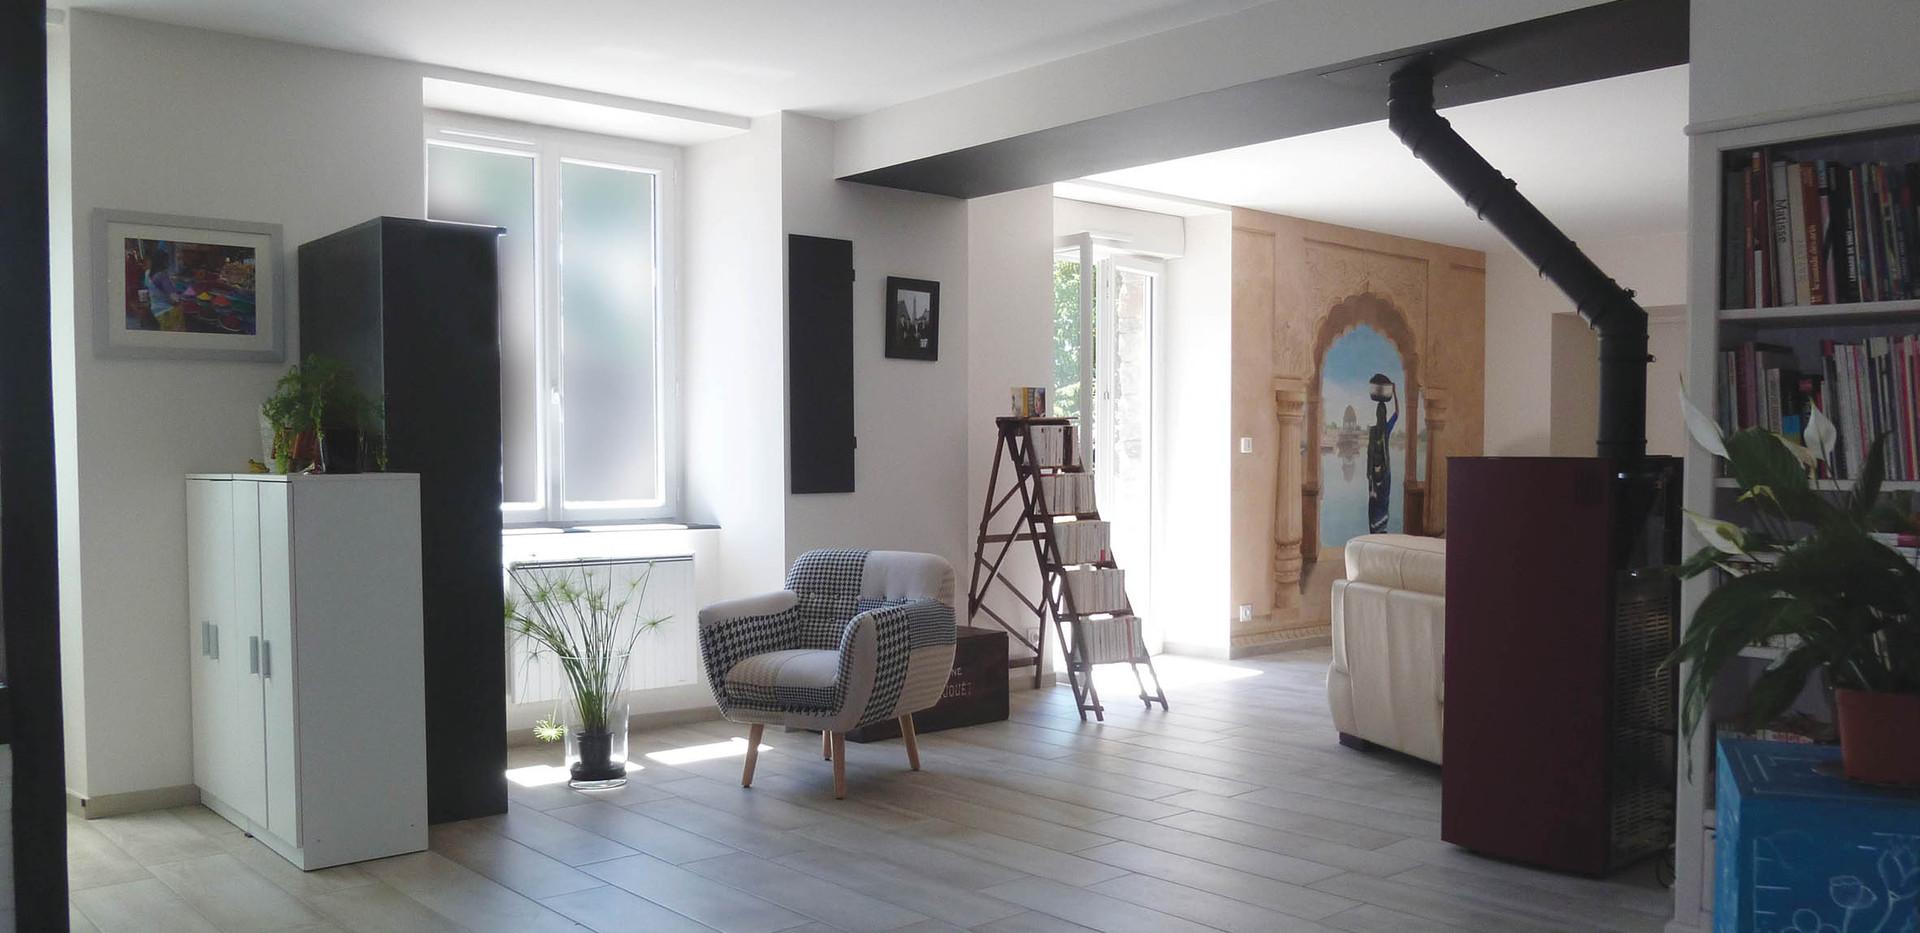 Peinture et enduits décoratifs - Adelles - La Prétaie